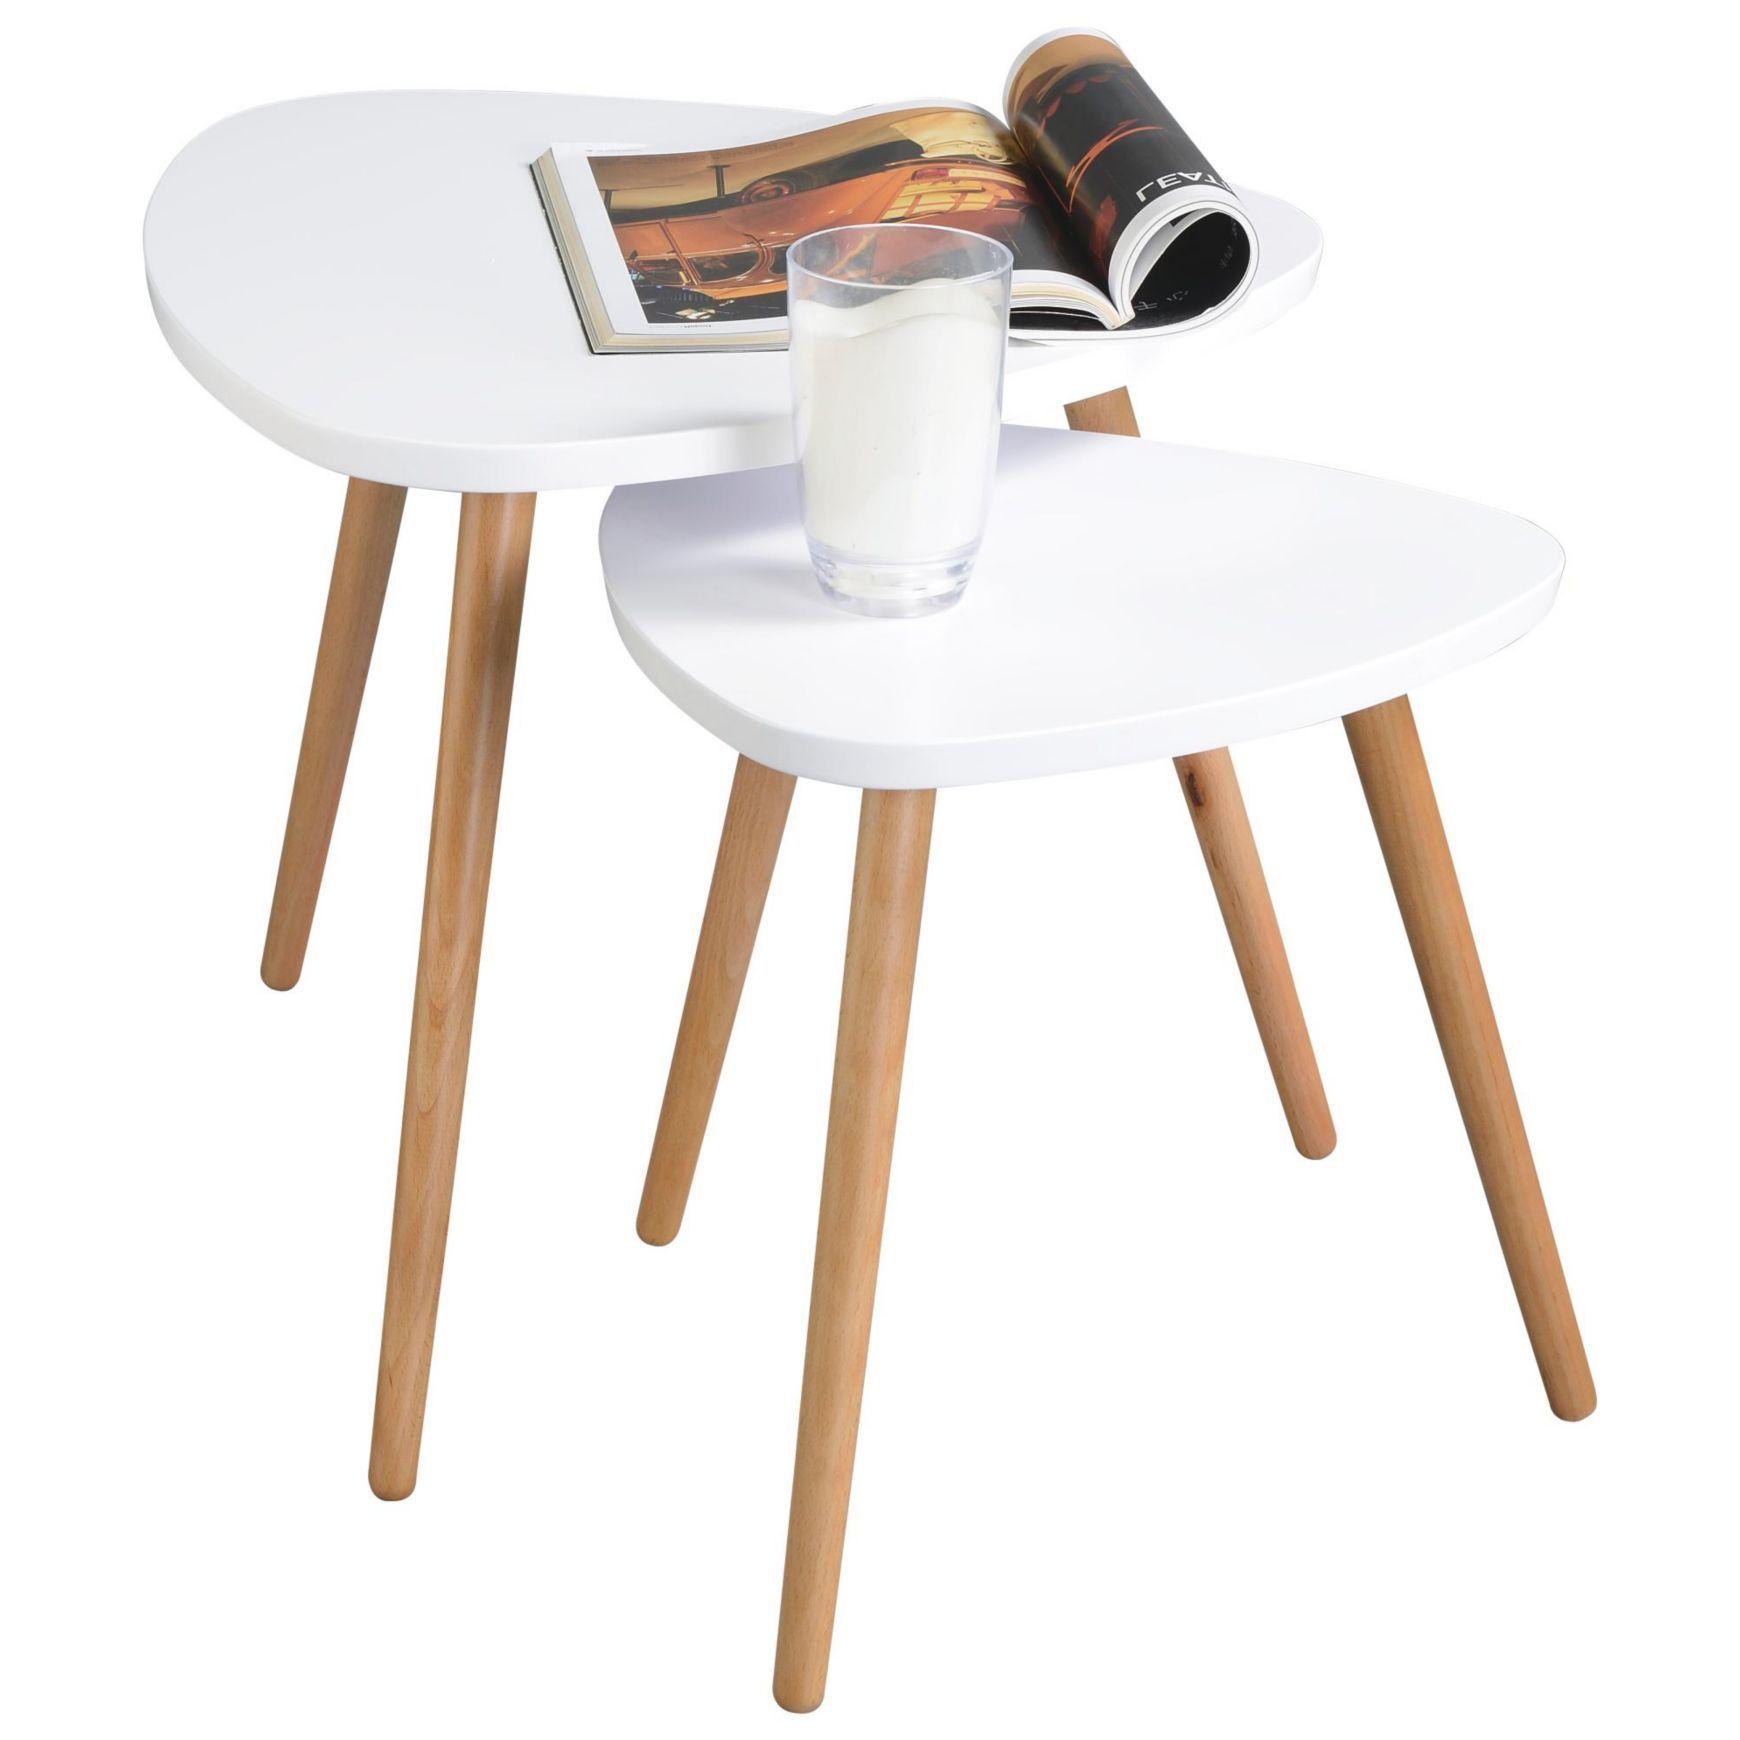 Beistelltisch In Weiss Eichefarben Couchtische Wohn Esszimmer Produkte Tisch Rund Weiss Beistelltisch Tisch